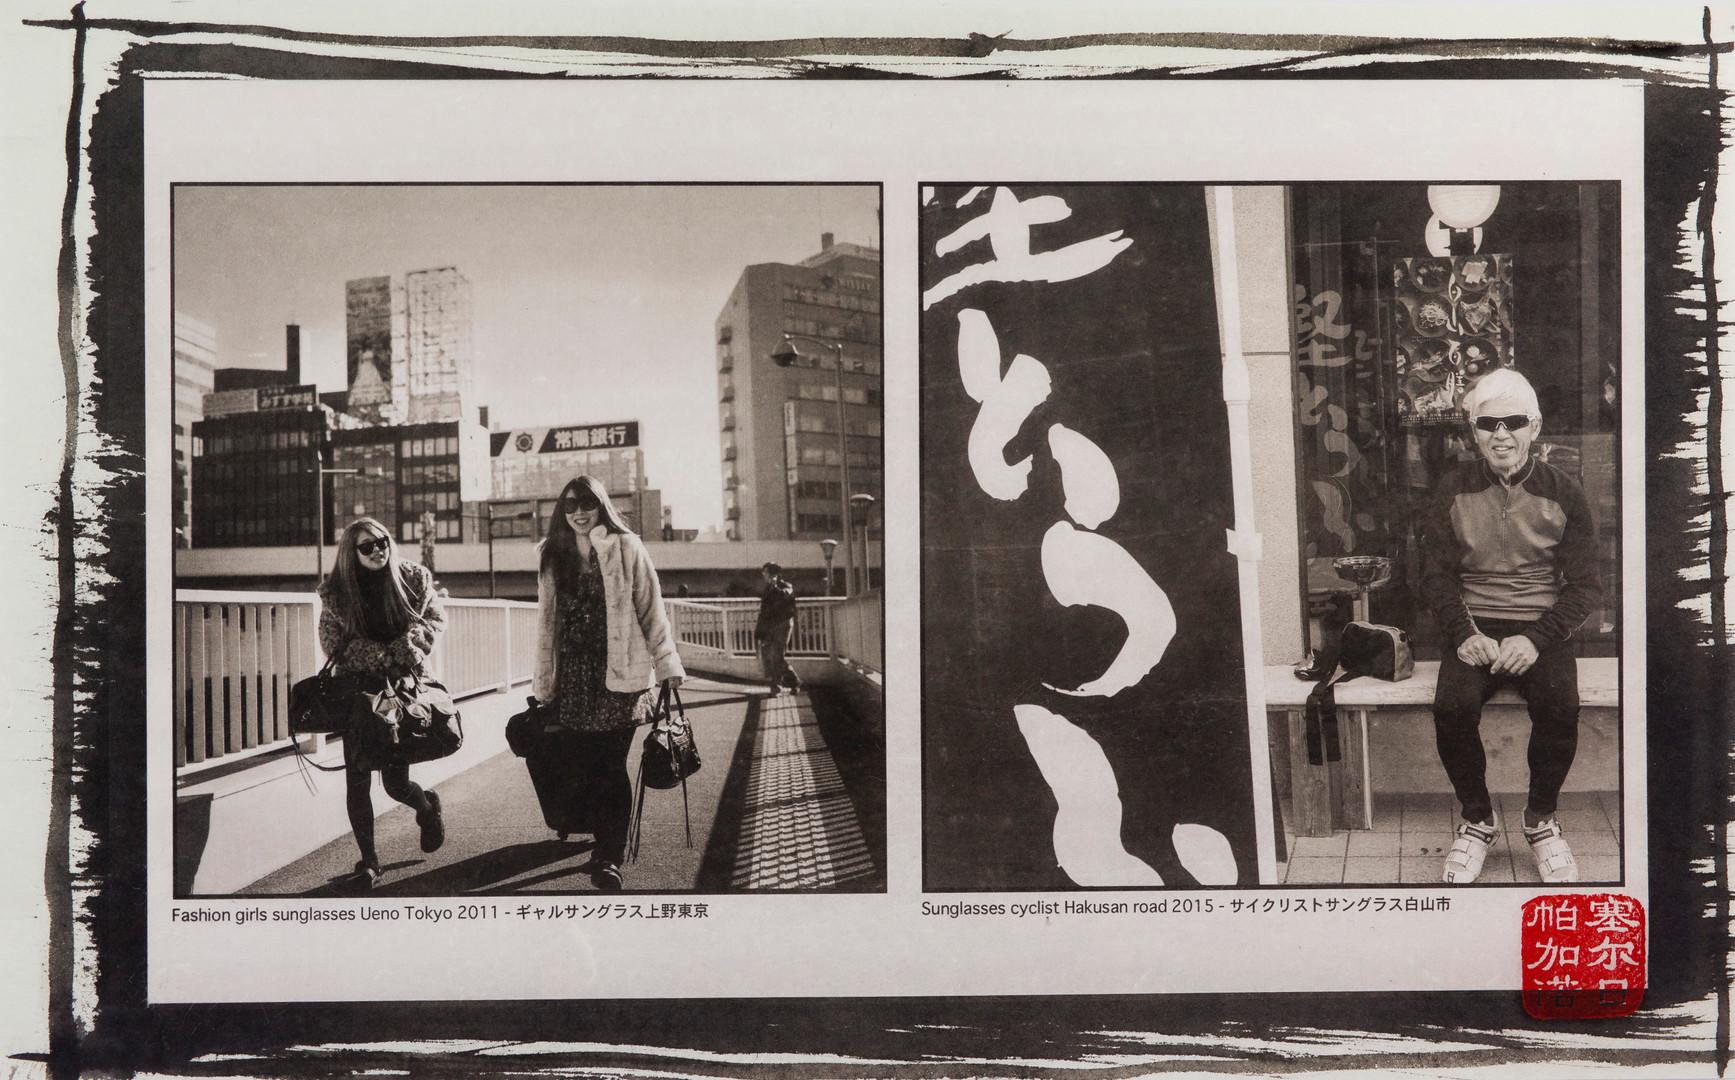 japanpld36.jpg